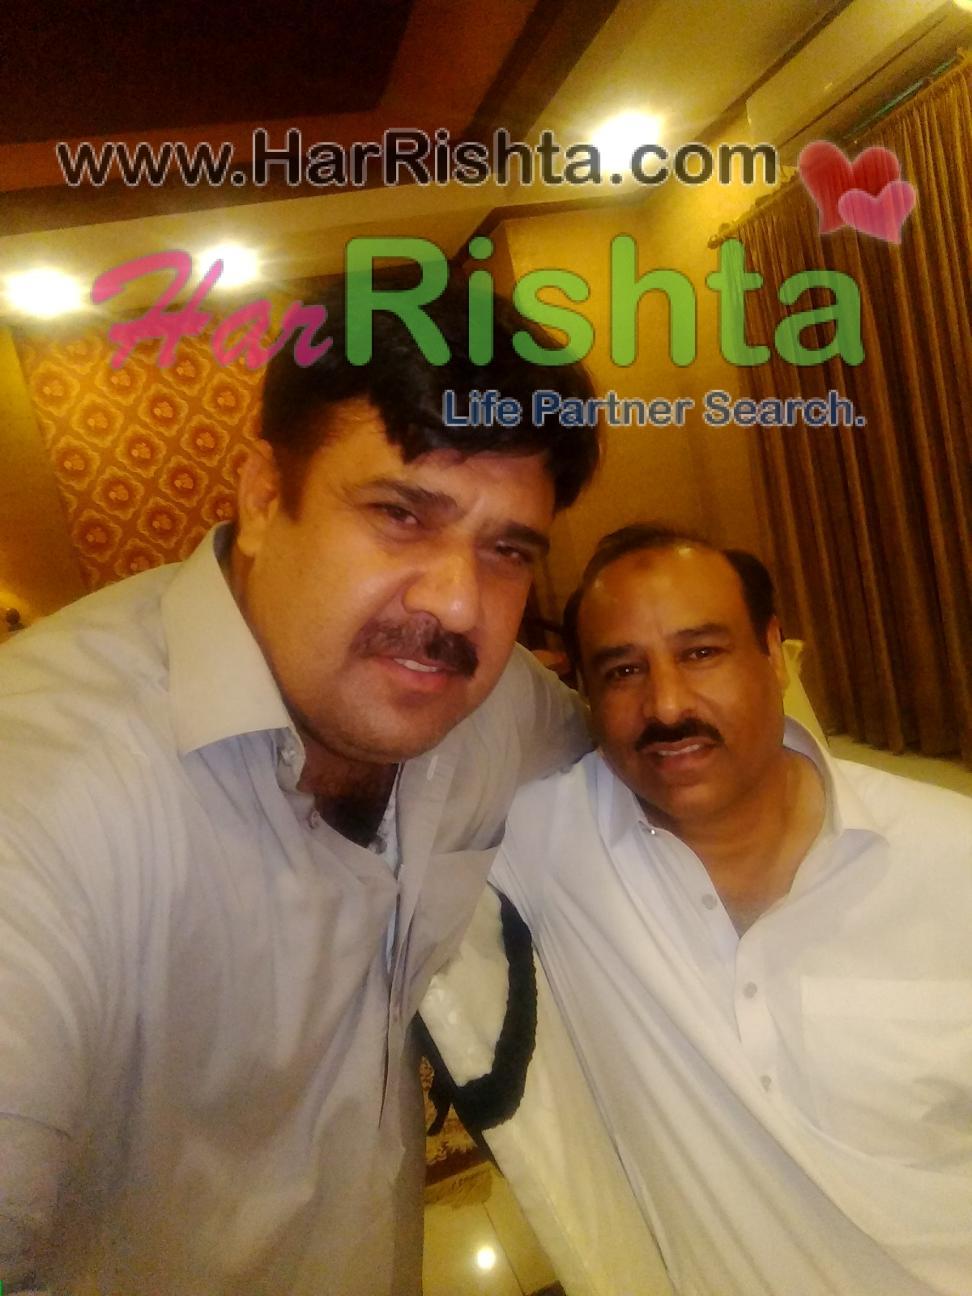 Durrani Boy Rishta in Peshawar